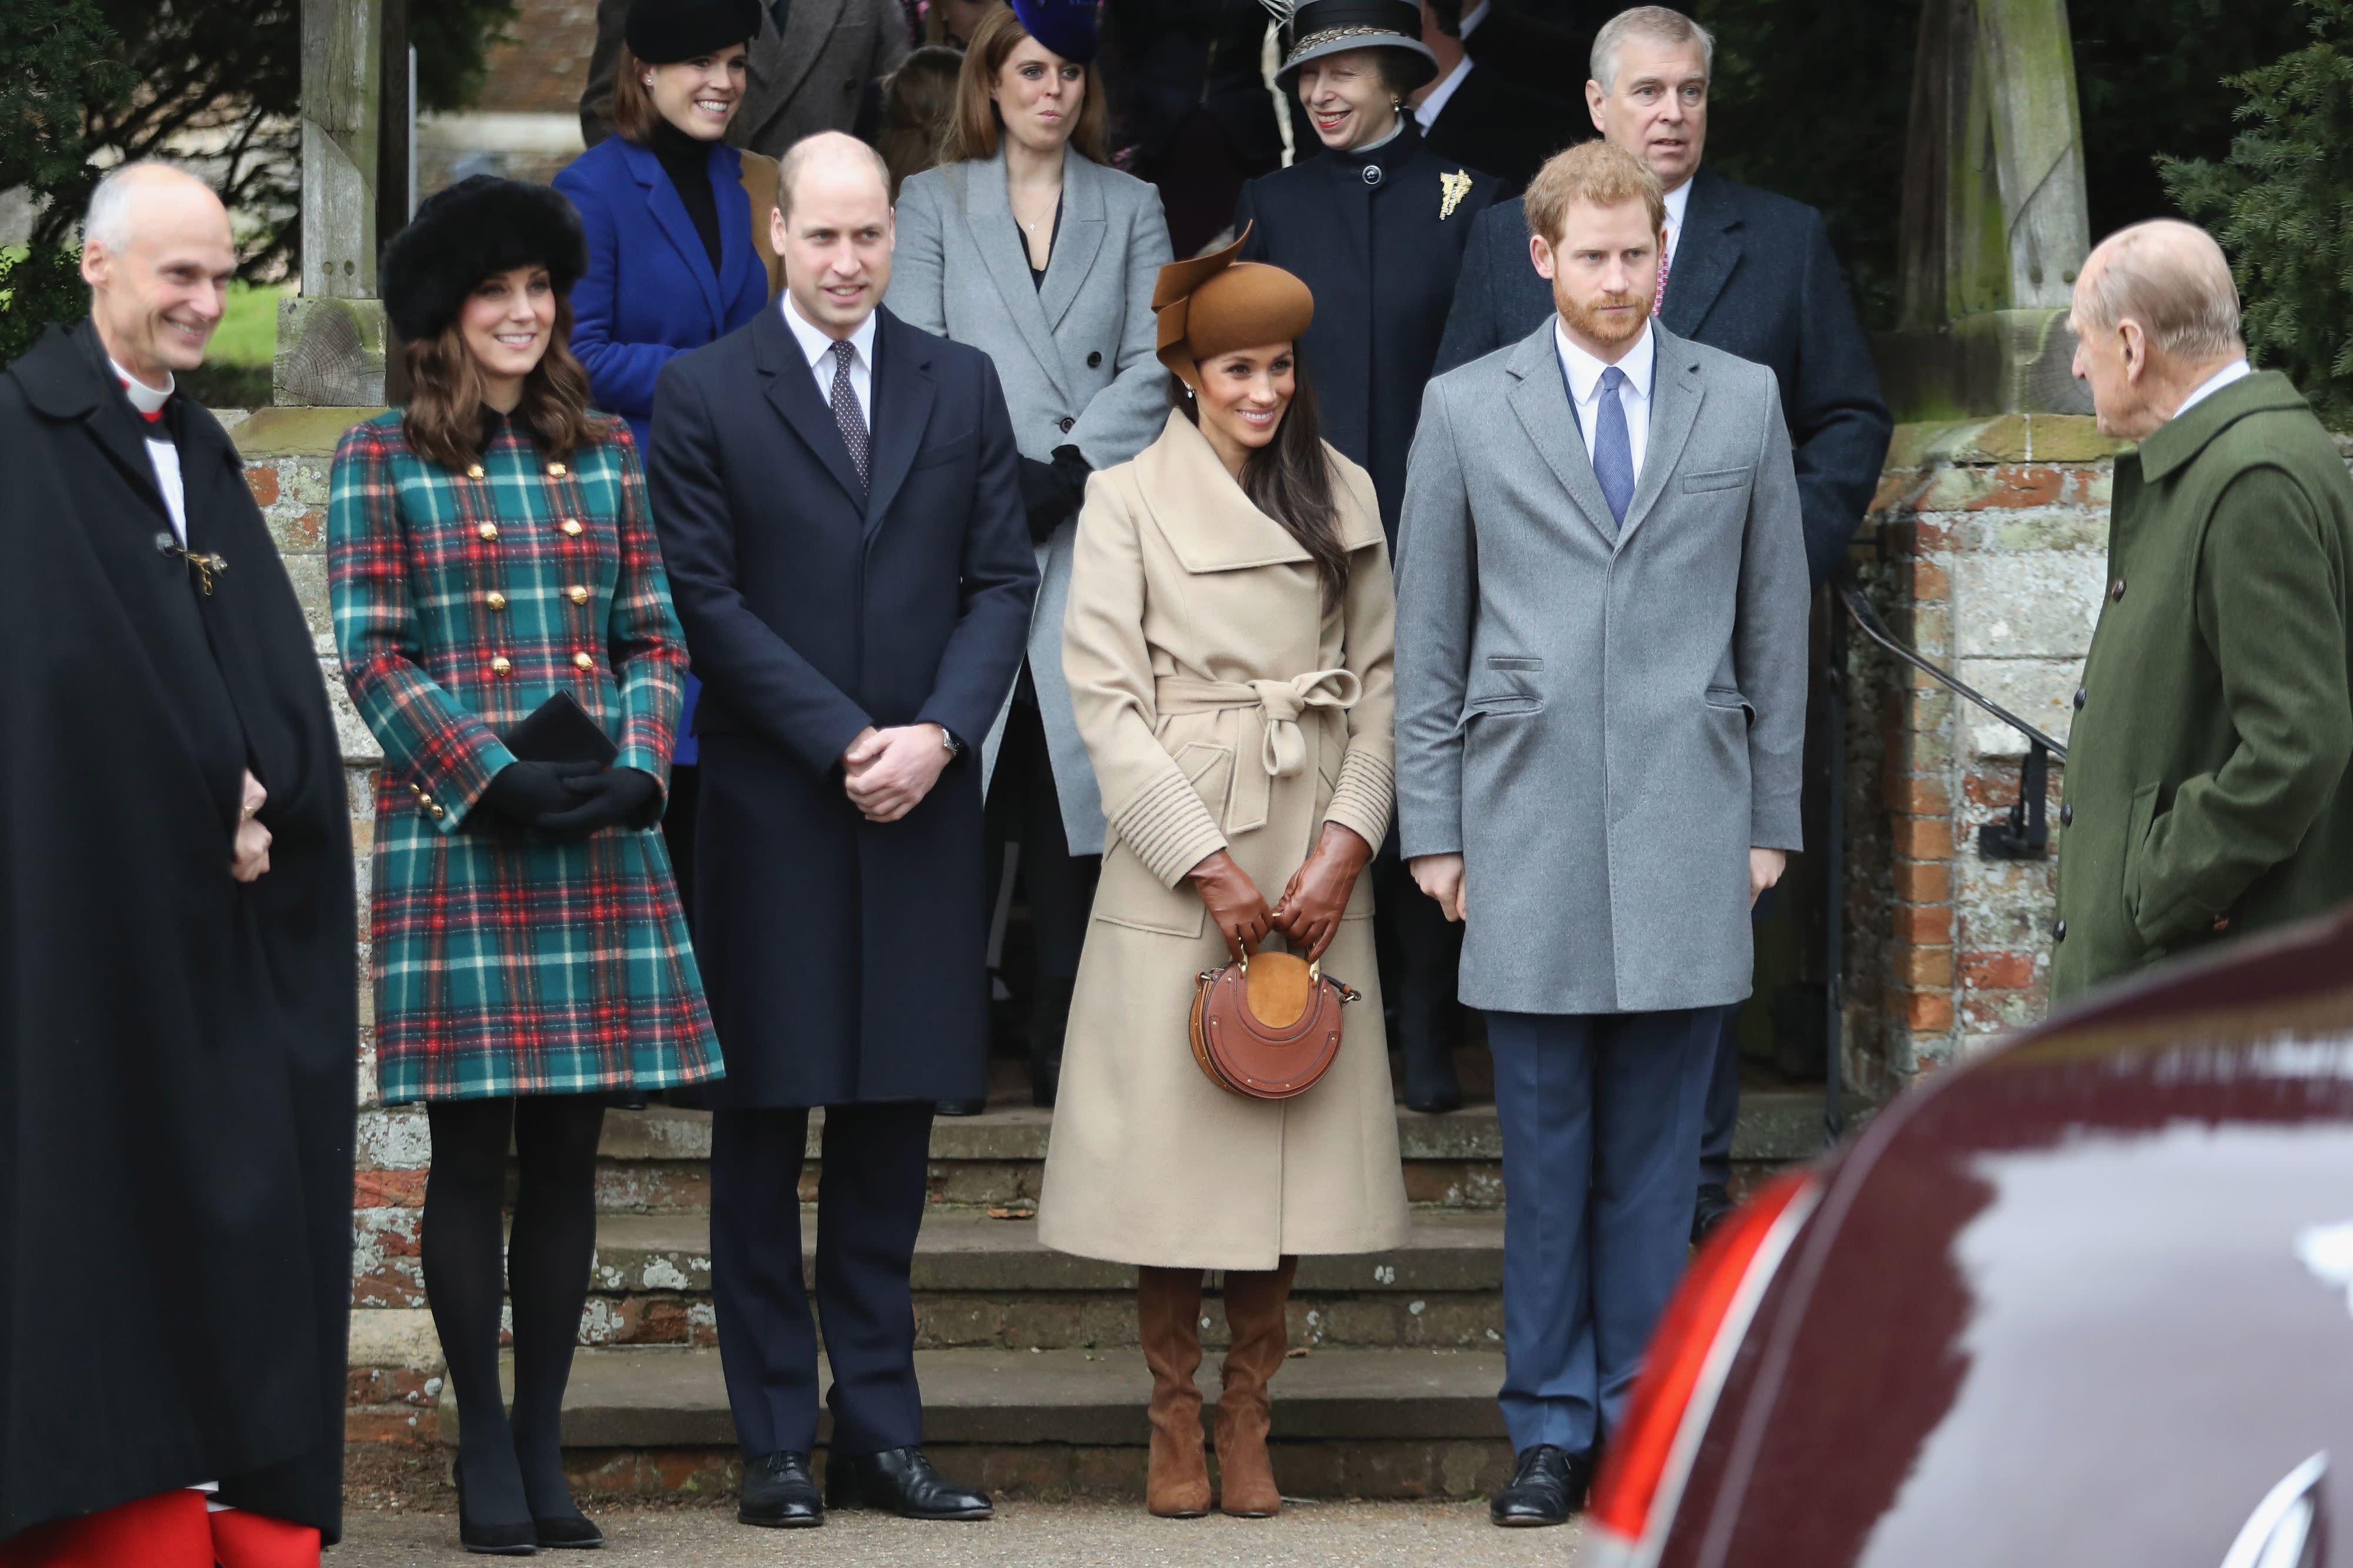 Принц Гарри и Меган Маркл стали «плохим» примером для принцессы Беатрис и Эдоардо Мапелли-Моцци